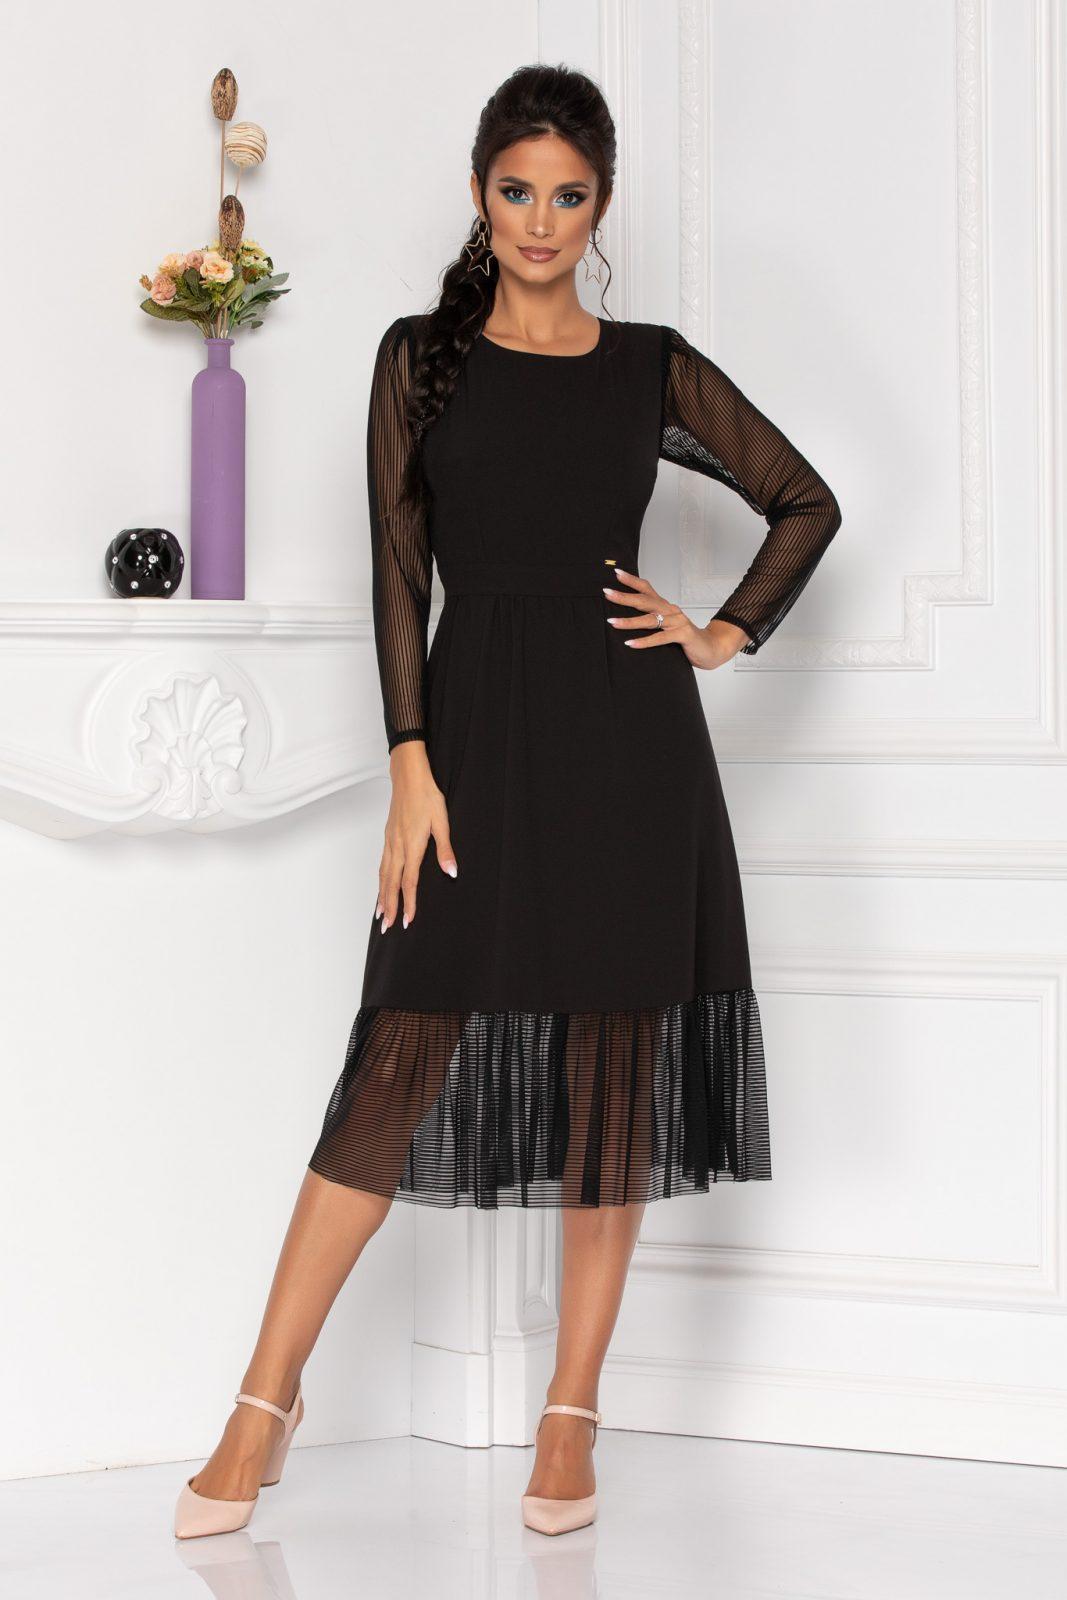 Μίντι Μαύρο Φόρεμα Με Μανίκι Moze Heather 8440 1